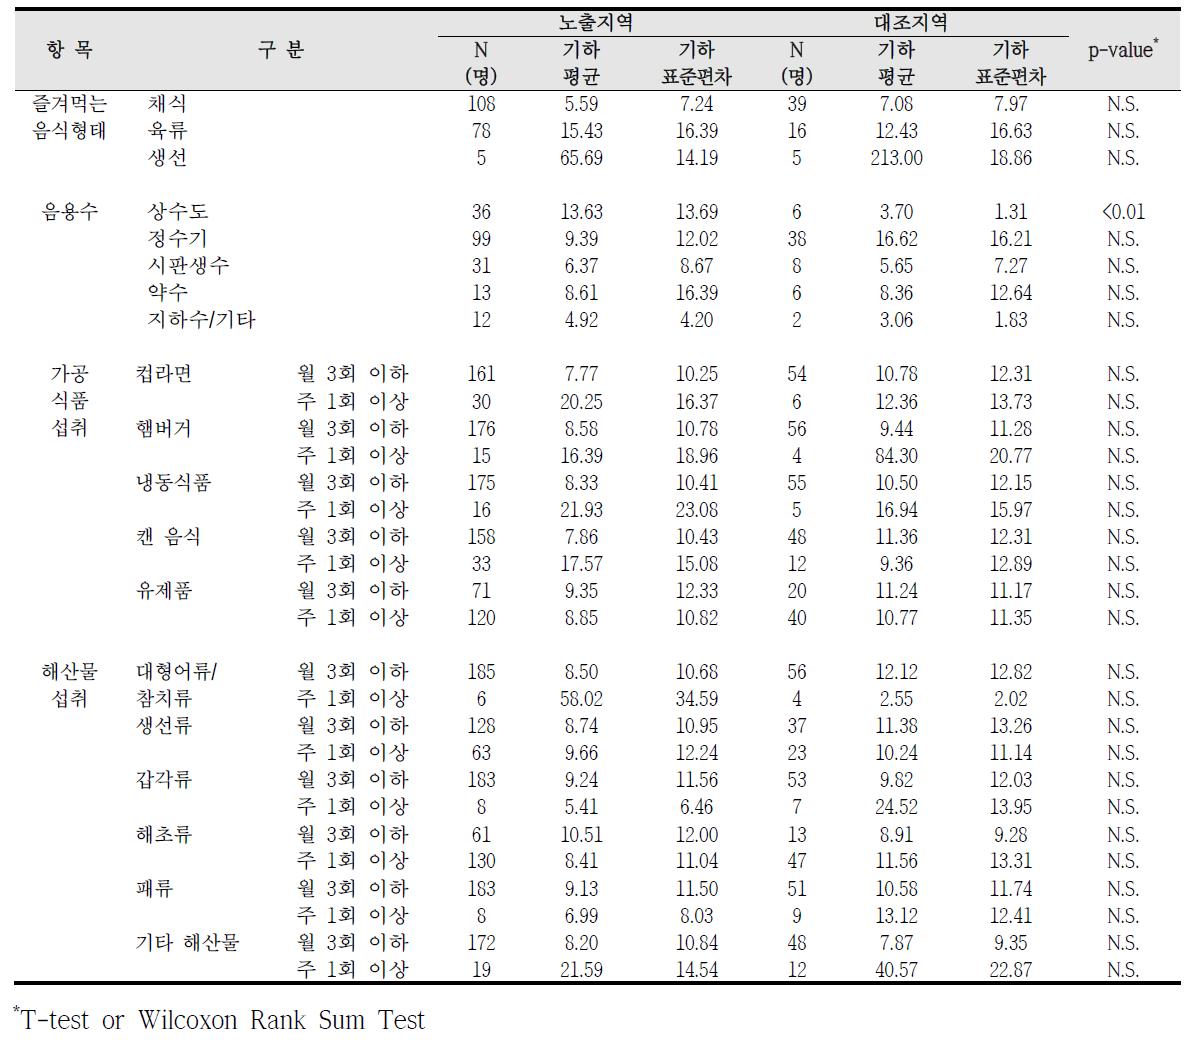 청주산업단지 식생활 습관에 따른 요중 코티닌 농도 비교